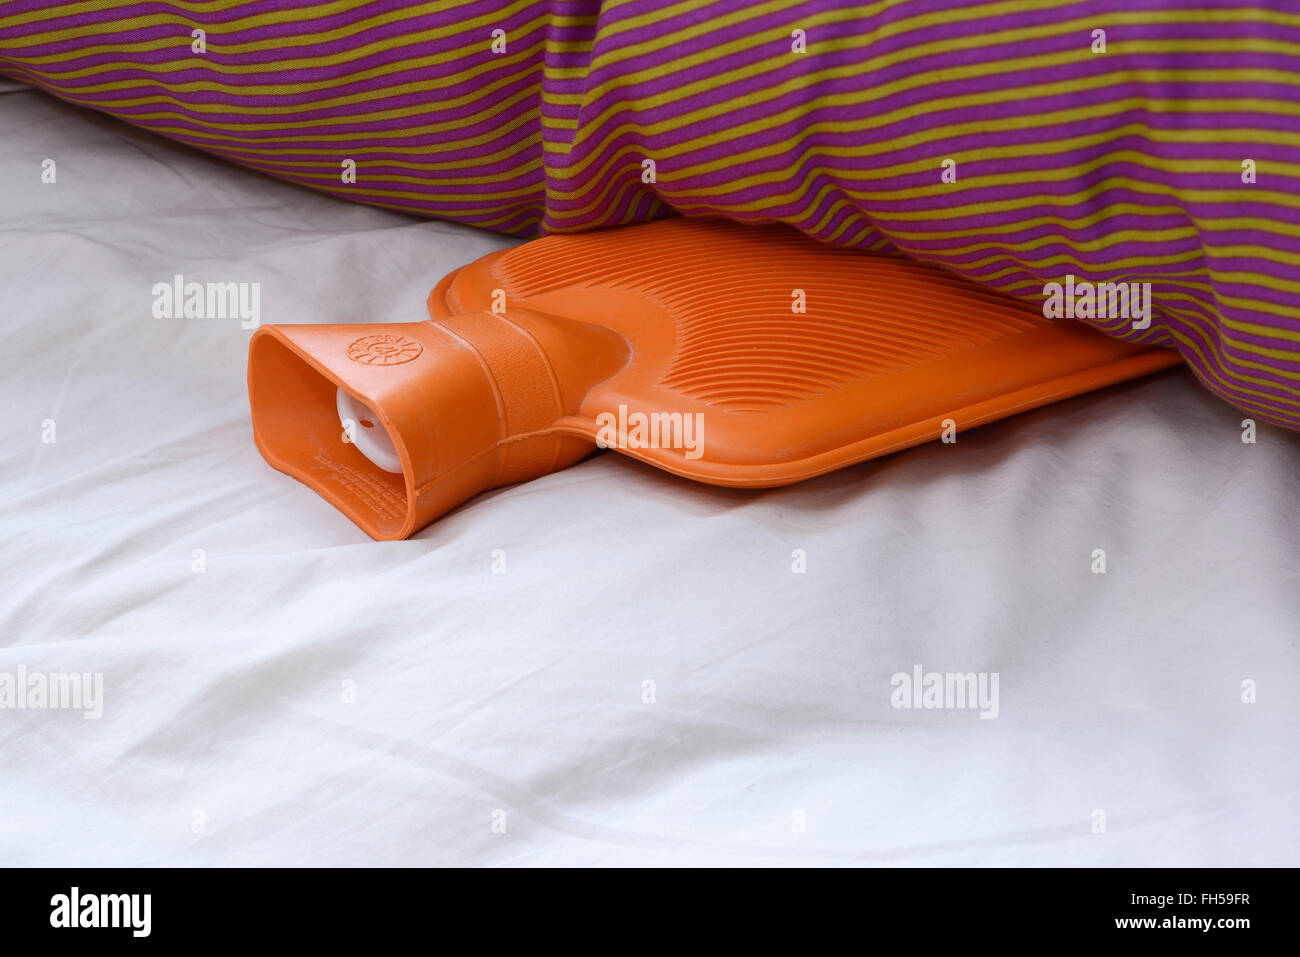 Una botella de agua caliente de caucho naranja acostado en una cama Imagen De Stock